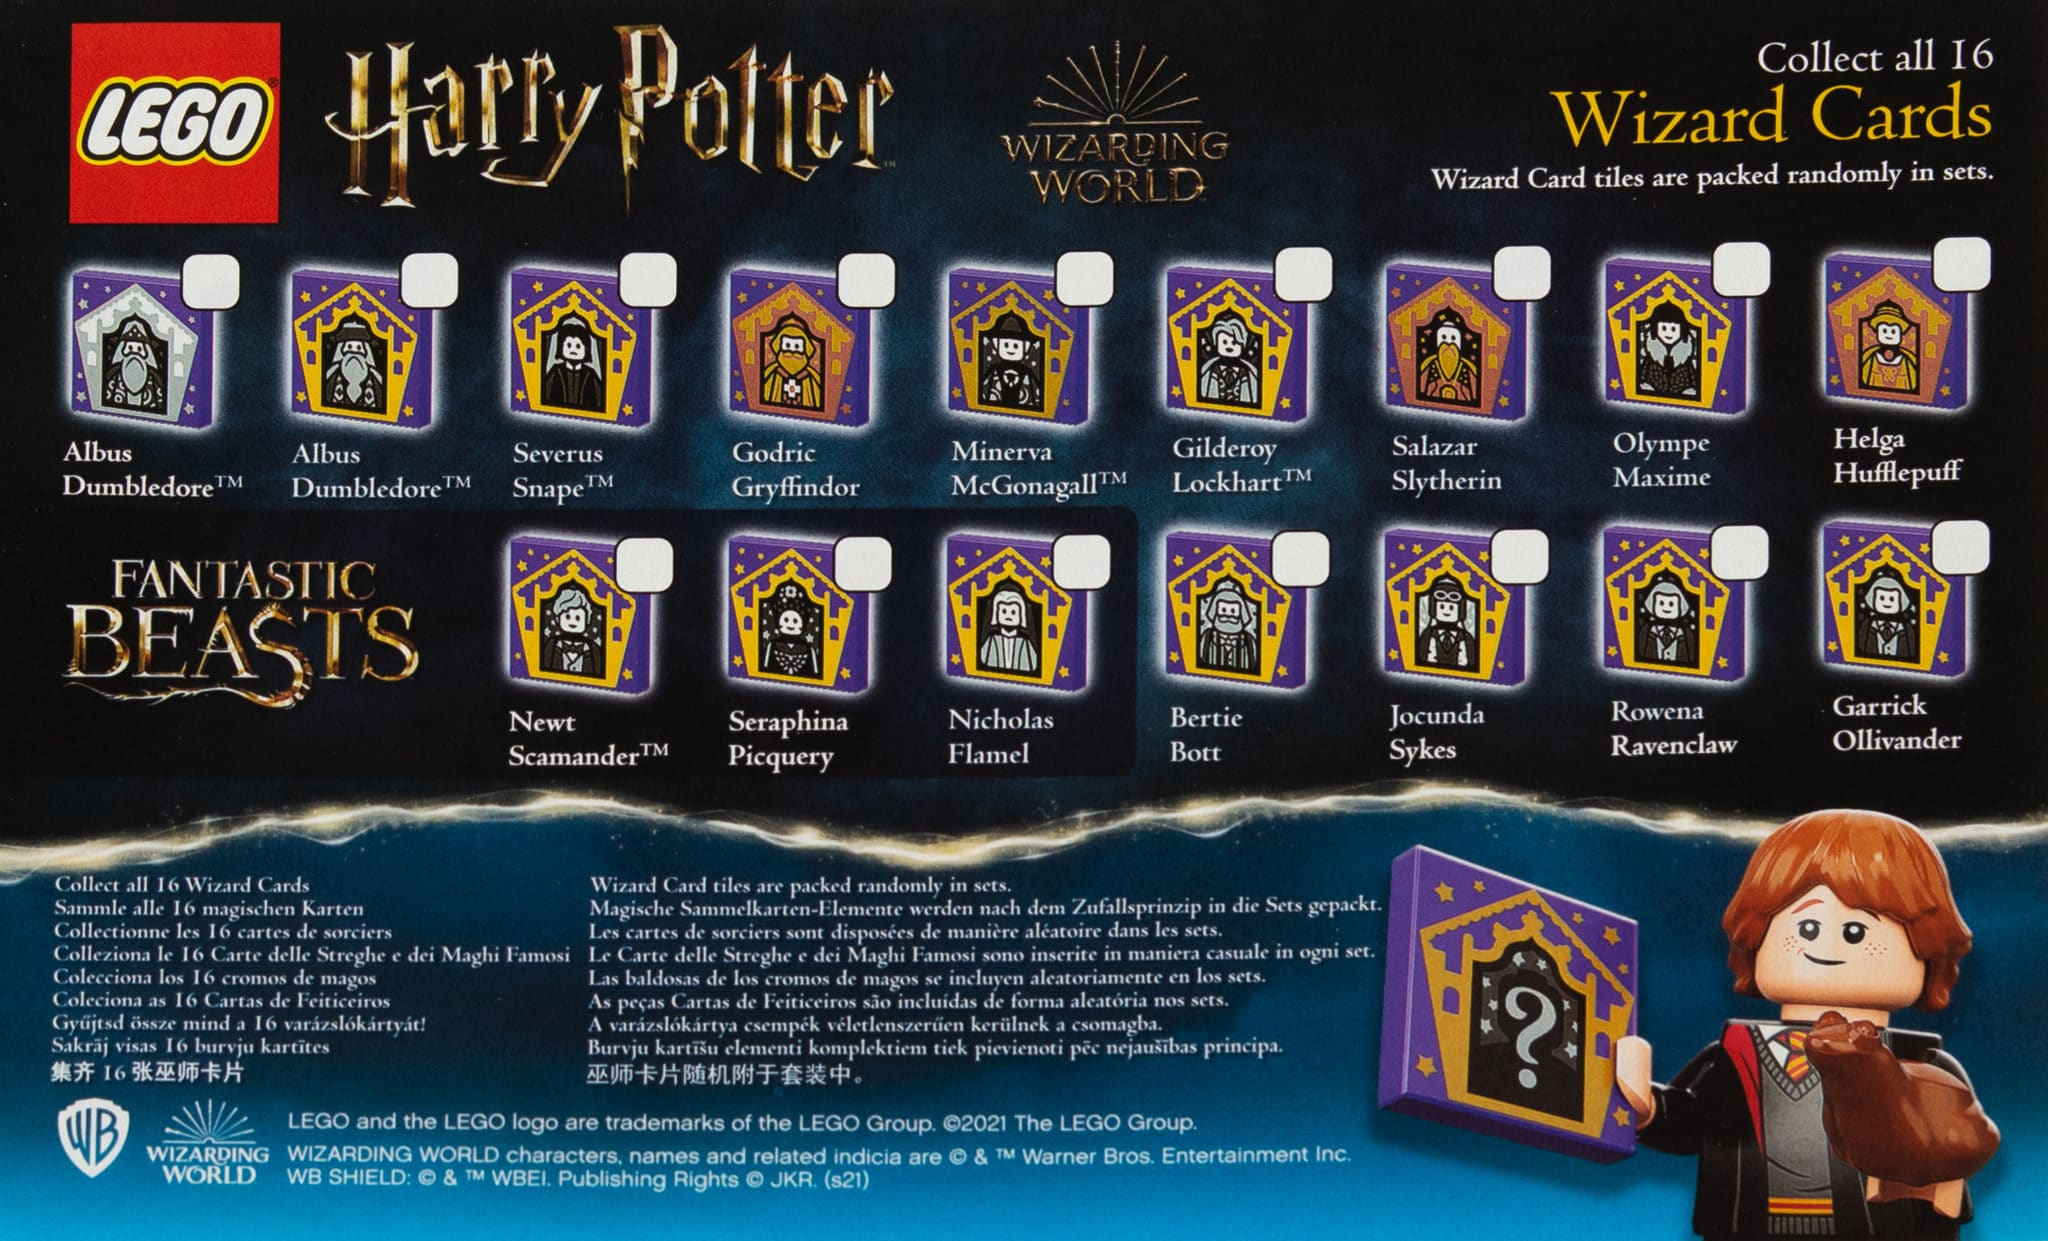 LEGO Harry Potter 2021 Zauberer Sammelkarten